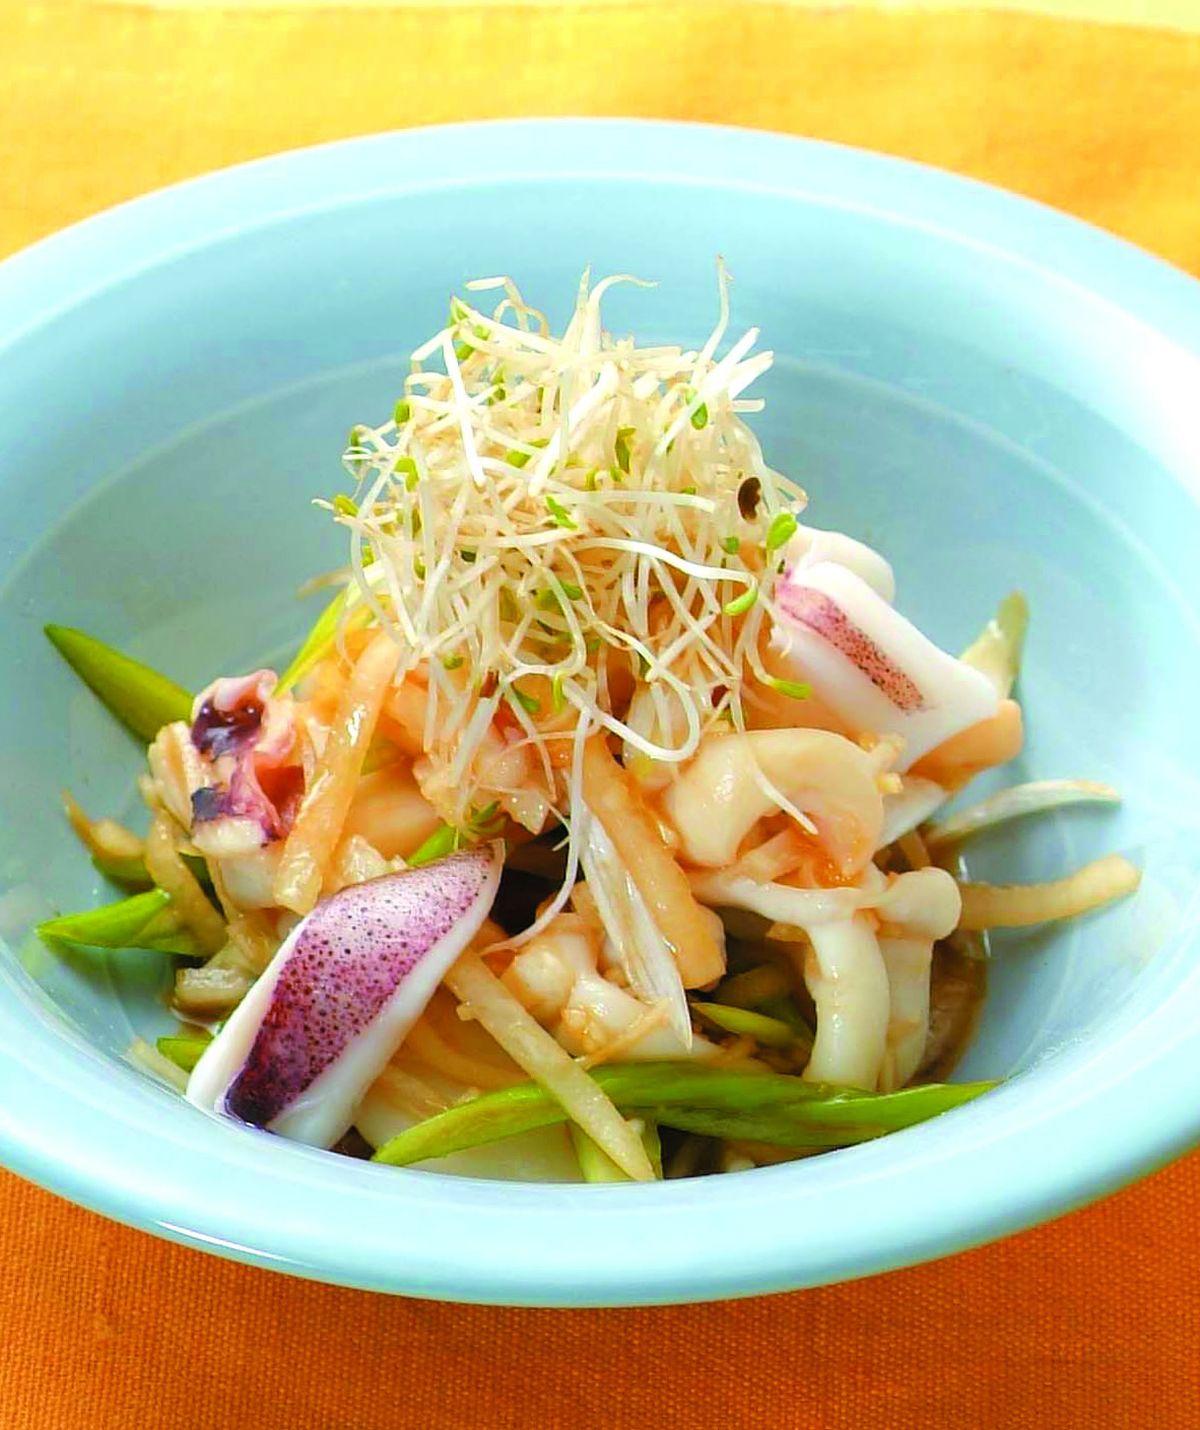 食譜:蘿蔔墨魚蒜香沙拉